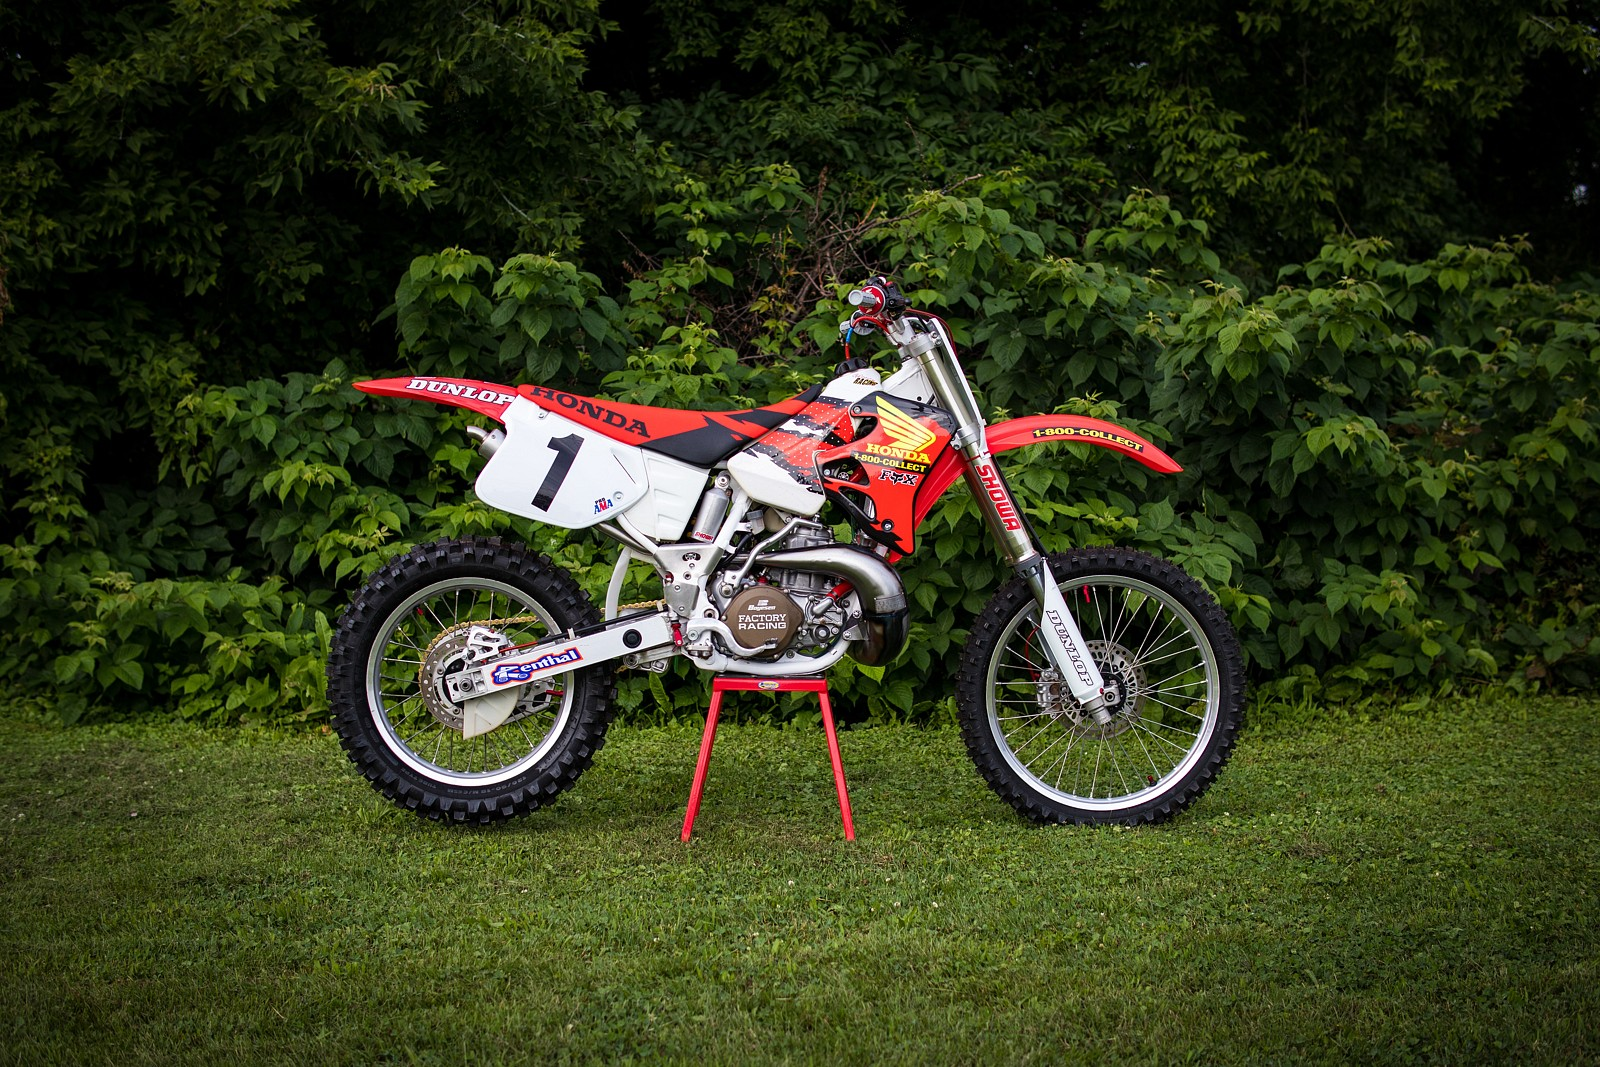 1994 Honda CR250r - GForce MMG - Motocross Pictures - Vital MX